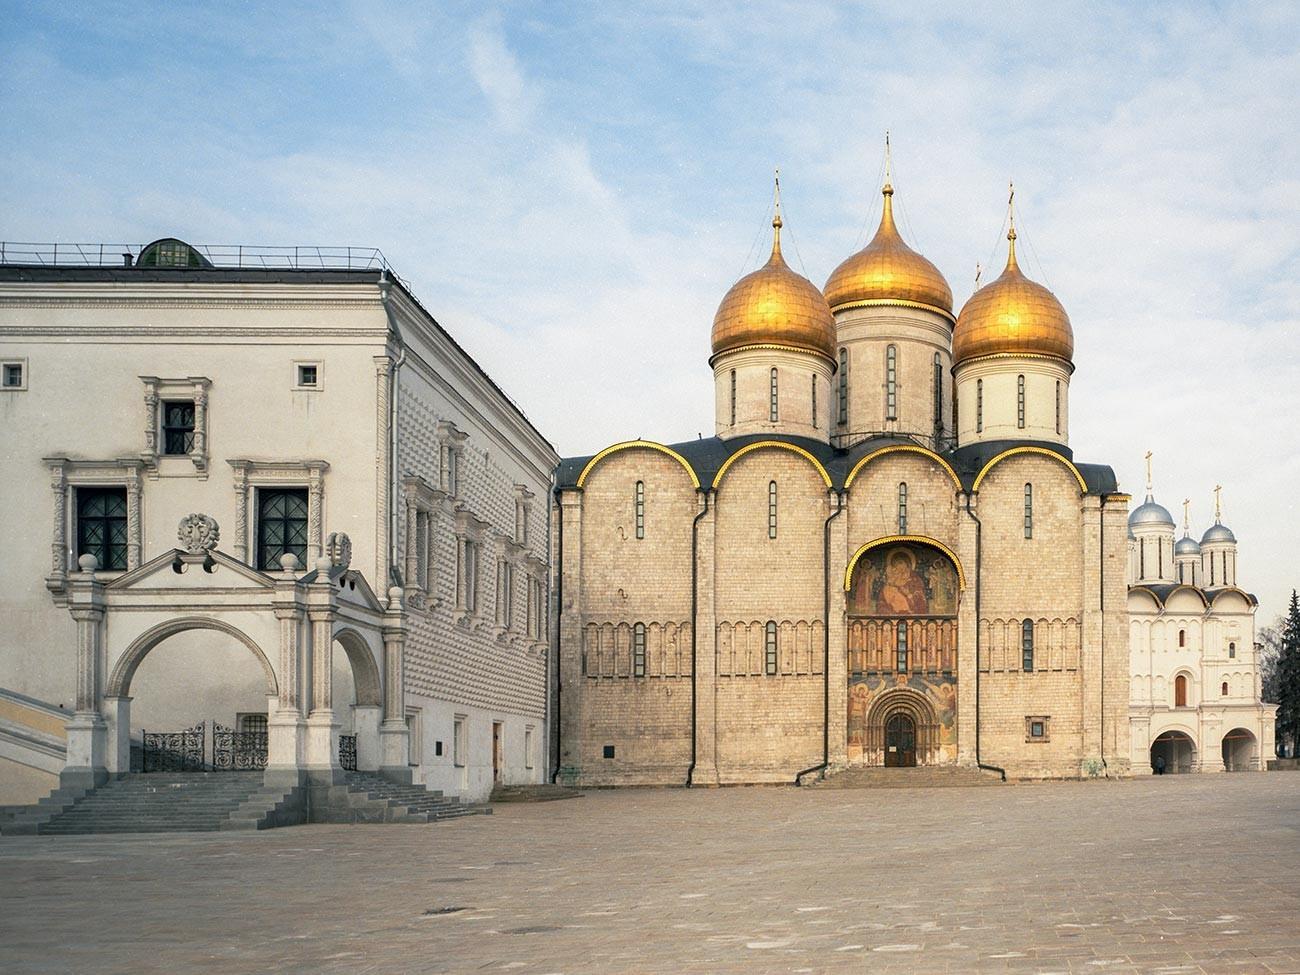 Palácio das Facetas (esq.) e Catedral da Dormição (dir.)